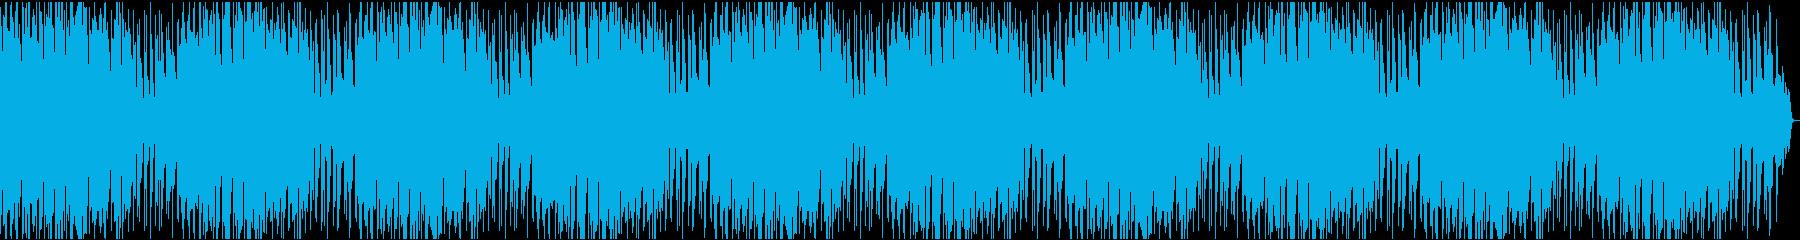 企業VP2 上品・16分バージョンの再生済みの波形